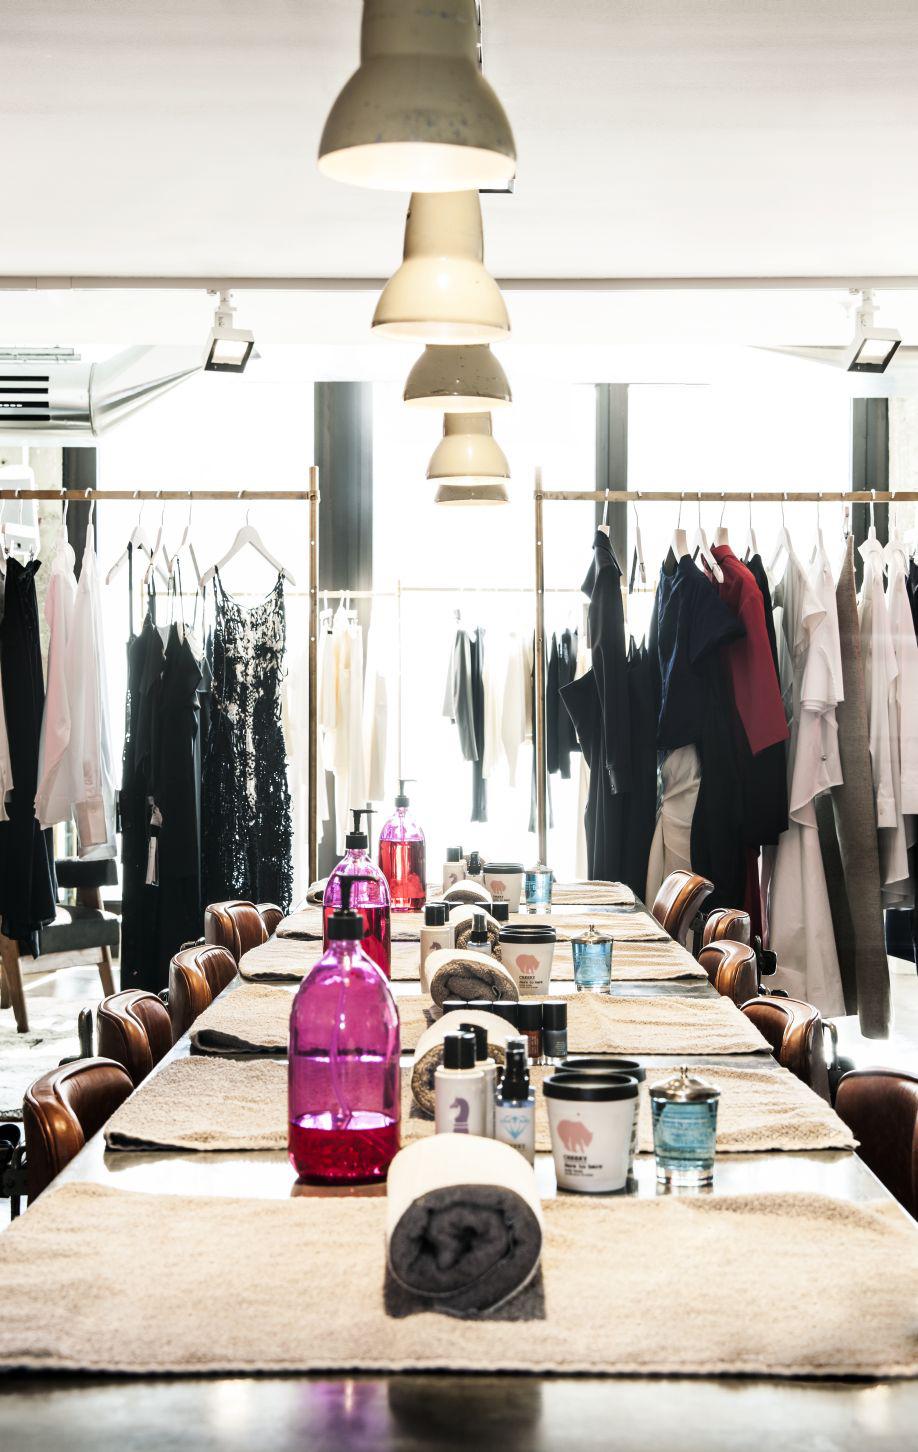 Dalani, Shopping, Berlino, Oggetti, Stile, Design, Comprare